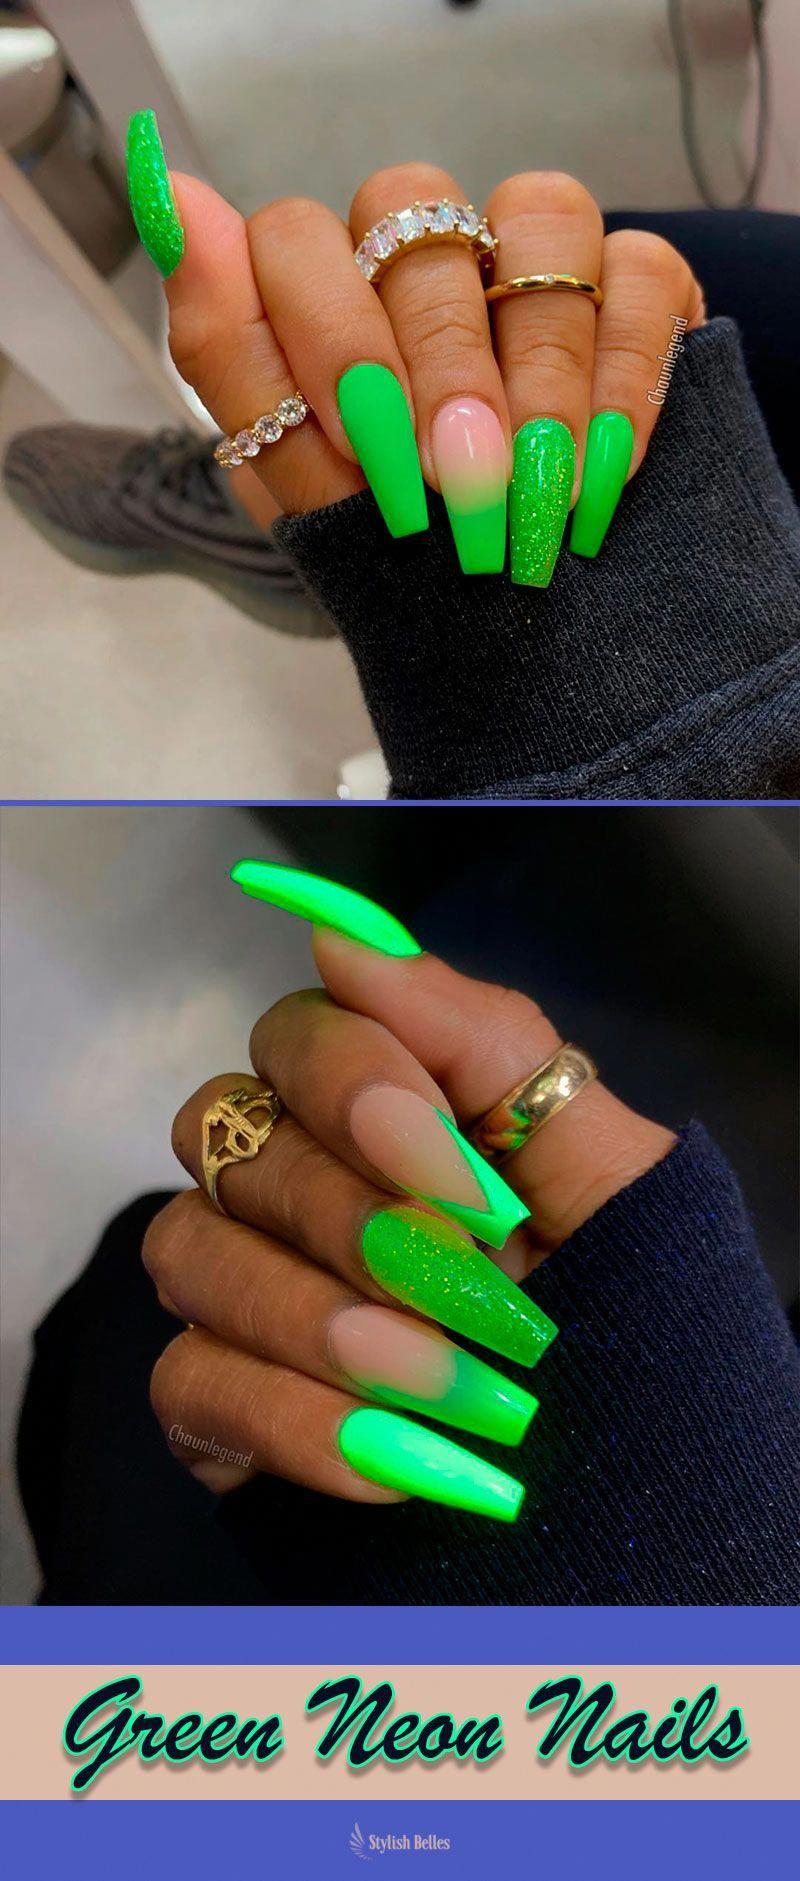 Green Neon Nails Summer Colors 2019 Summernails Summernailart Summernaildesigns Summernailcolors Coffinnails Neon Neon Green Nails Neon Nails Green Nails